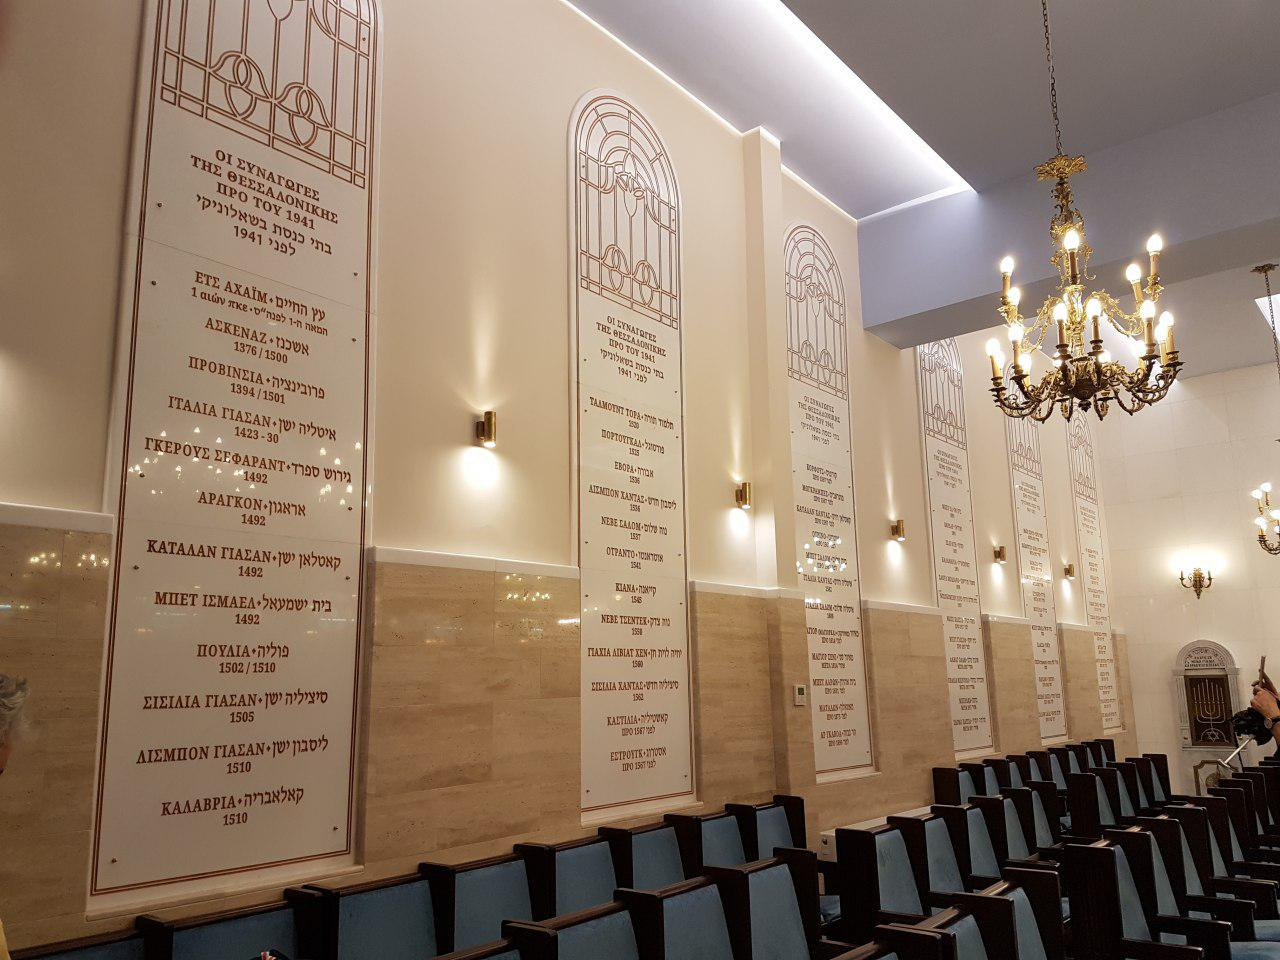 """בית הכנסת יד הזיכרון. על הקיר שמות 73 בתי הכנסת (צילום: אחיה ראב""""ד)"""